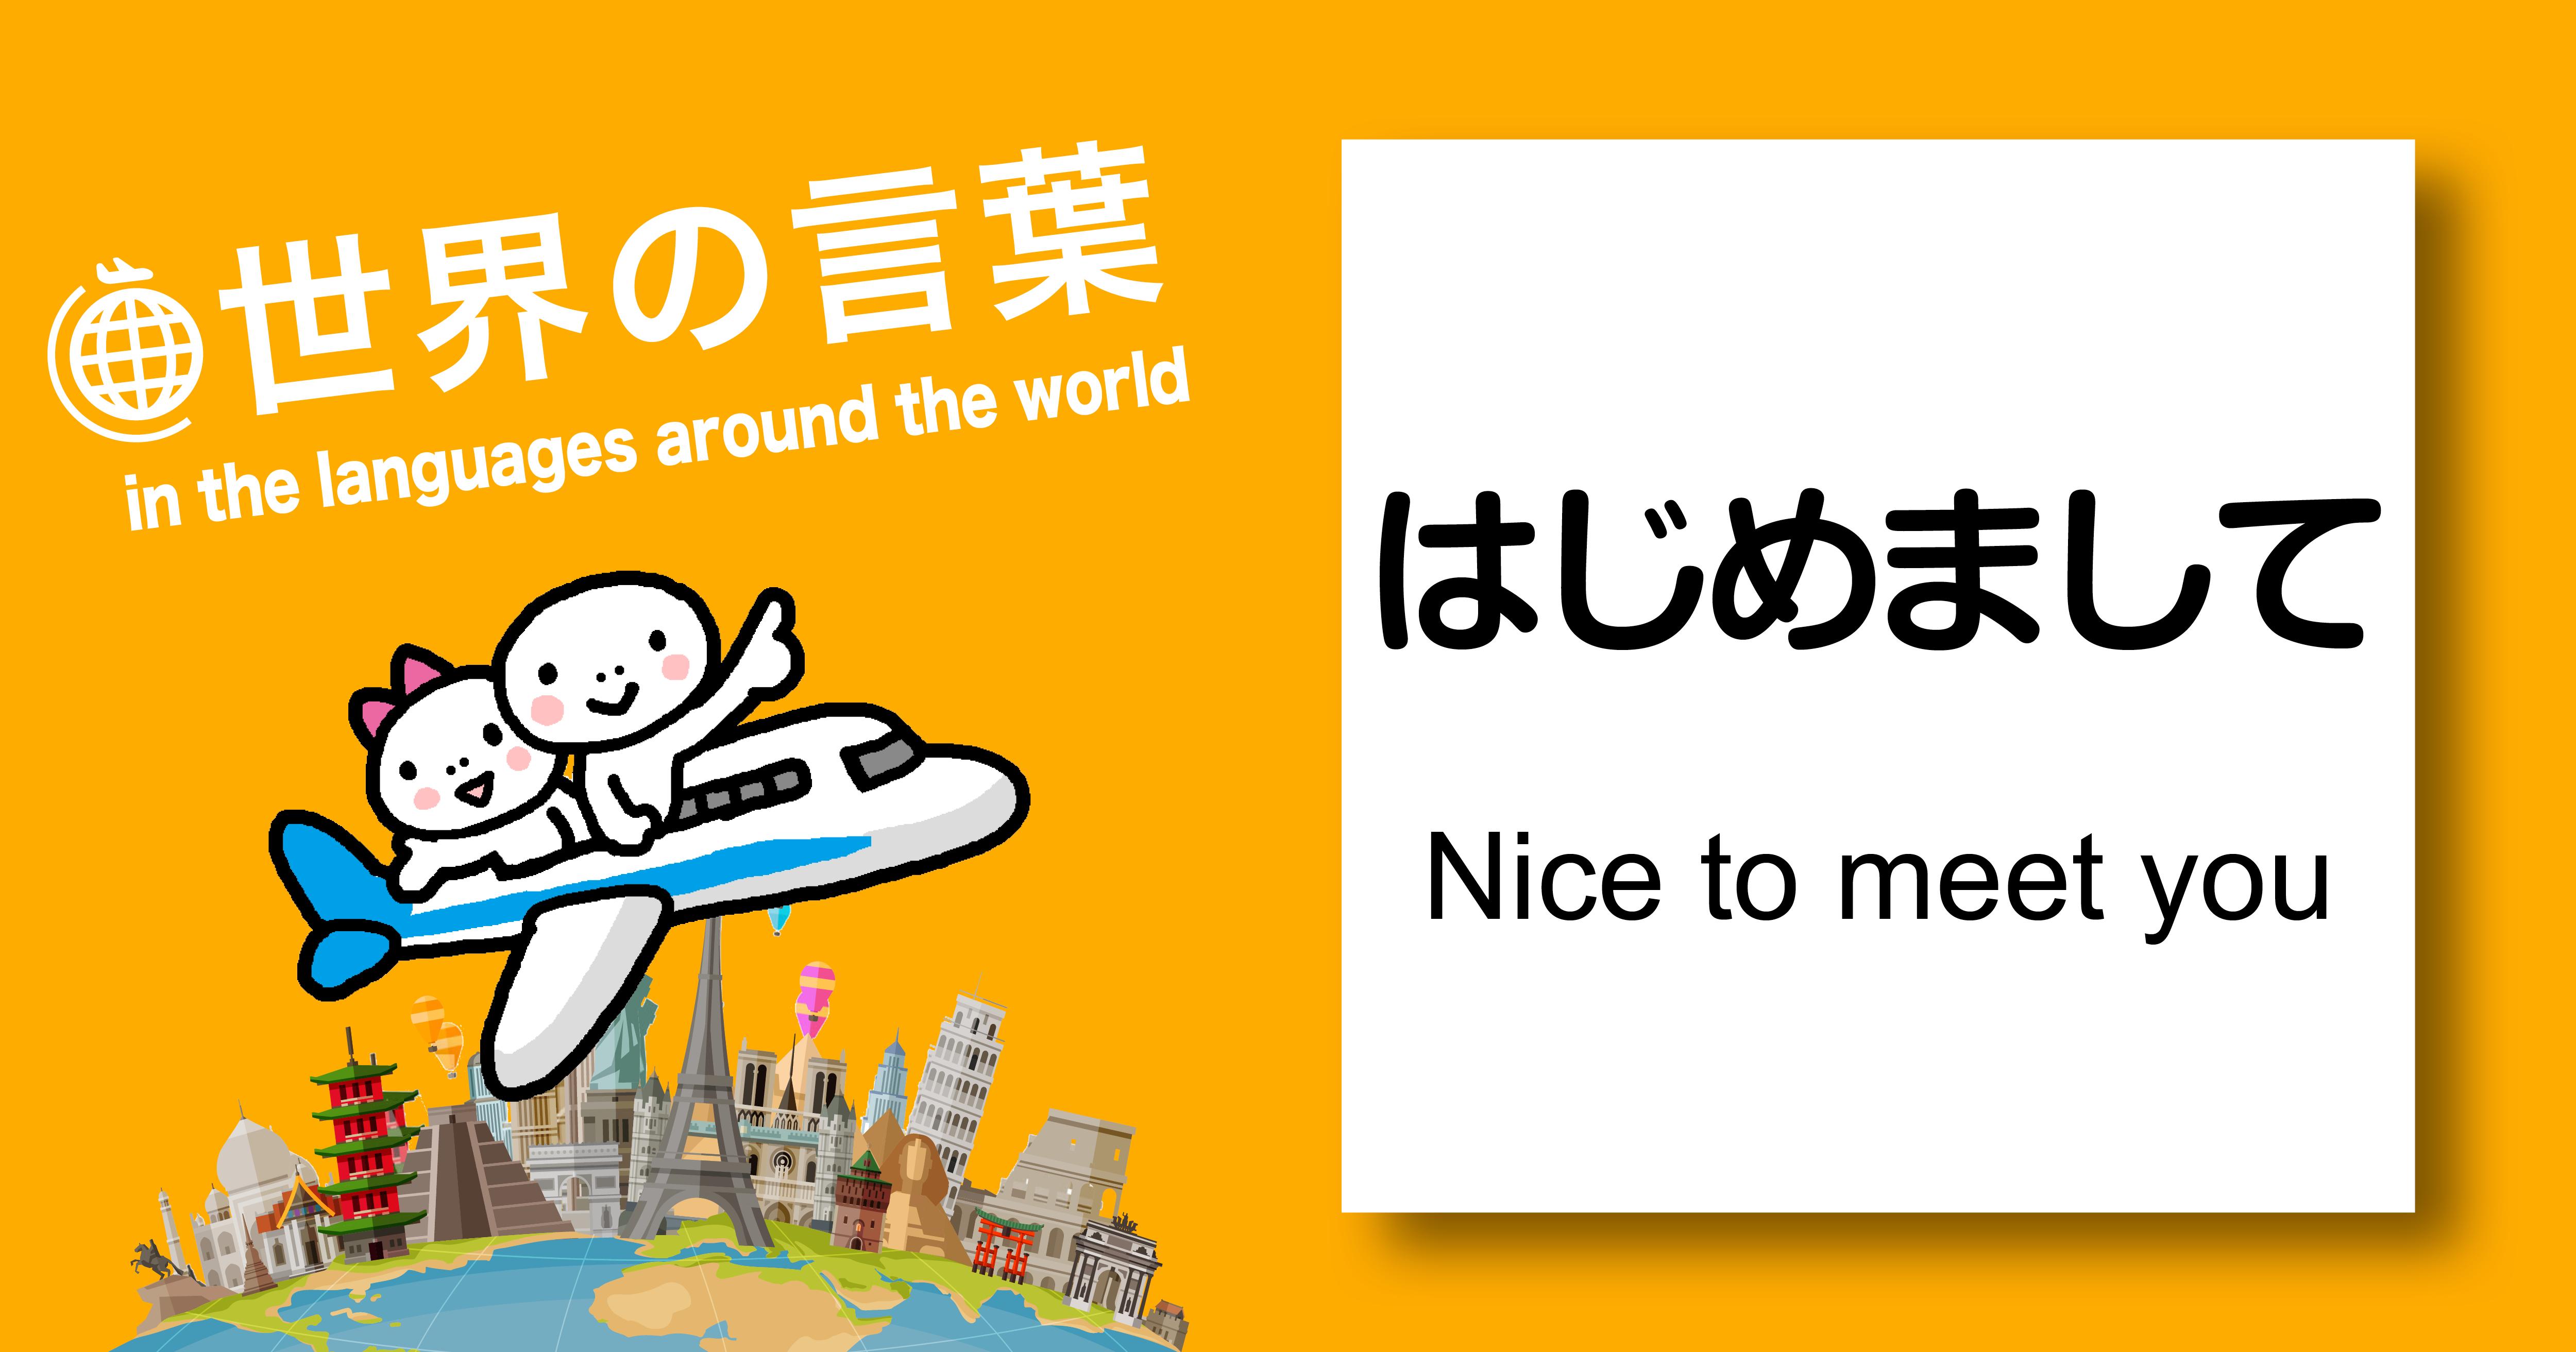 世界の言葉「はじめまして」「Hello the langages around the world